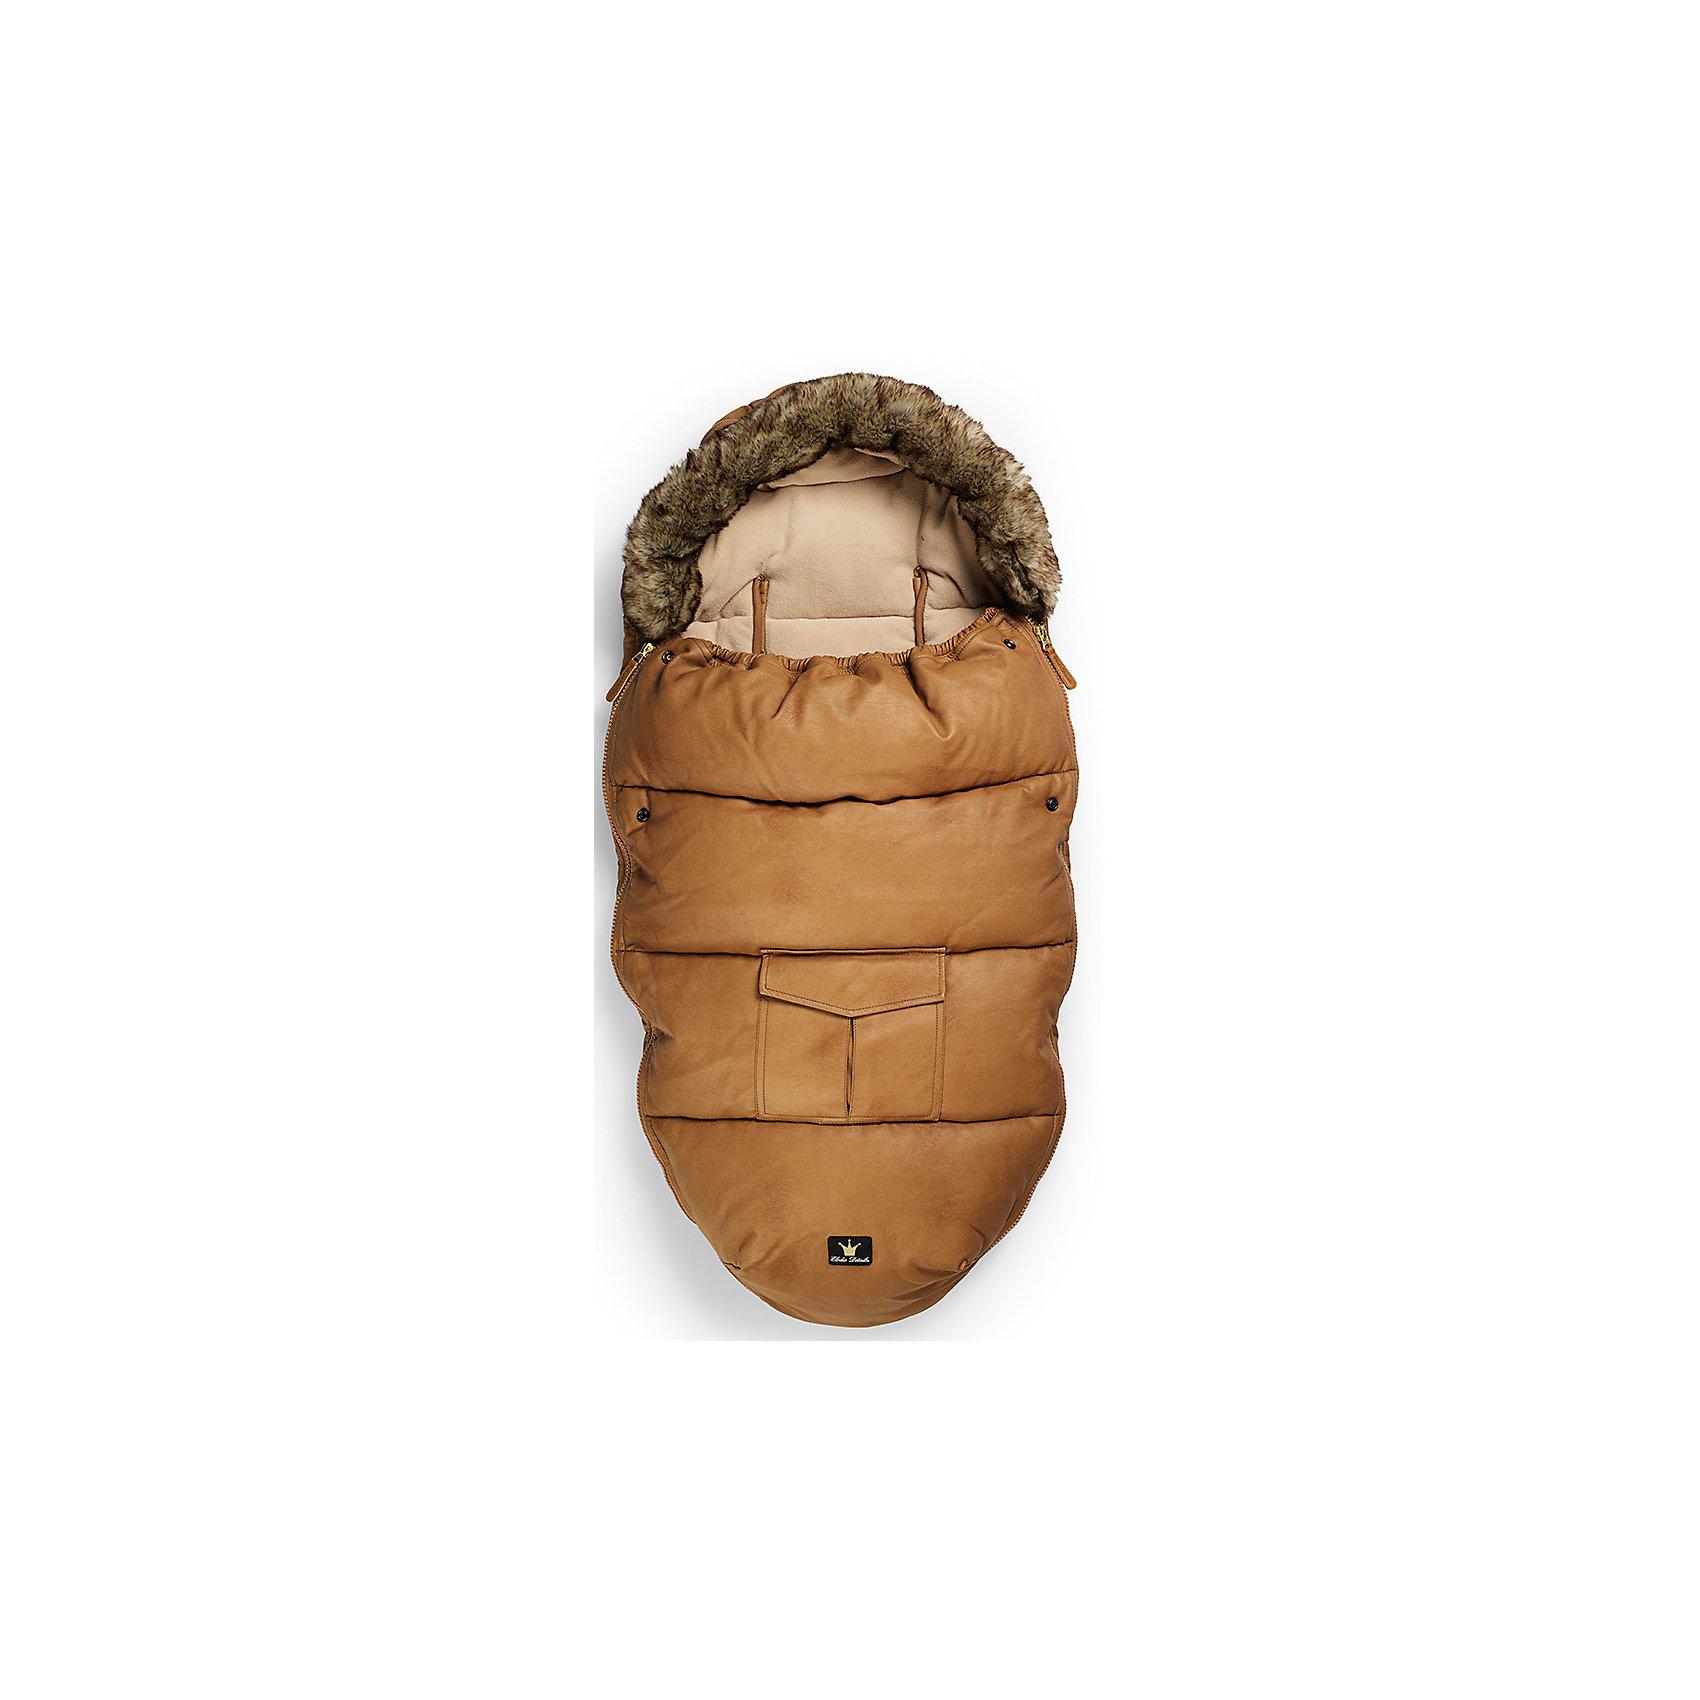 Конверт зимний с опушкой в коляску Chestnut Leather, Elodie DetailsЗимние конверты<br>Конверт зимний с опушкой в коляску Chestnut Leather, Elodie Details<br><br>Характеристики:<br><br>• Сезон: зима для температуры до -25 °C<br>• Цвет: коричневый;<br>• Материал верха: 60% вискоза, 40% полиуретан.<br>• Утеплитель: холлофайбер.<br>• Материал подклада: флис.<br>• Оторочка из искусственного меха Colar.<br>• Тип застежки: молния.<br>• Размер: длина 110см; ширина 53см.<br><br>Конверт зимний с опушкой в коляску Chestnut Leather, Elodie Details –это новинка от шведского бренда Elodie Details. Теплый, легкий и удобный, он обеспечит вашему малышу оптимальный комфорт и тепло. Покрытие конверта изготовлено по новейшей технологии BIONIC-FINISH® ECO, благодаря чему надежно защищено от ветра, влаги и снега. Этот зимний конверт подходит к любому типу колясок. Верхняя часть конверта оторочена   искусственным мехом и  может использоваться, как капюшон. Ножки ребенка  остаются не зафиксированными. В качестве наполнителя в конверте использован холлофайбер — инновационный, экологически чистый и гипоаллергенный материал, который обеспечивает качественное сохранение тепла. В конверте предусмотрены отверстия для 5-точечных ремней безопасности.Конверт зимний с опушкой в коляску Chestnut Leather, Elodie Details не требует специального ухода, его можно стирать в стиральной машине, используя указанный режим.<br>Зимние прогулки в таком конверте могут быть длительными и приятными!<br><br><br>Конверт зимний с опушкой в коляску Chestnut Leather, Elodie Details, можно купить в нашем интернет - магазине.<br><br>Ширина мм: 1100<br>Глубина мм: 530<br>Высота мм: 60<br>Вес г: 900<br>Возраст от месяцев: 0<br>Возраст до месяцев: 24<br>Пол: Унисекс<br>Возраст: Детский<br>SKU: 5077469